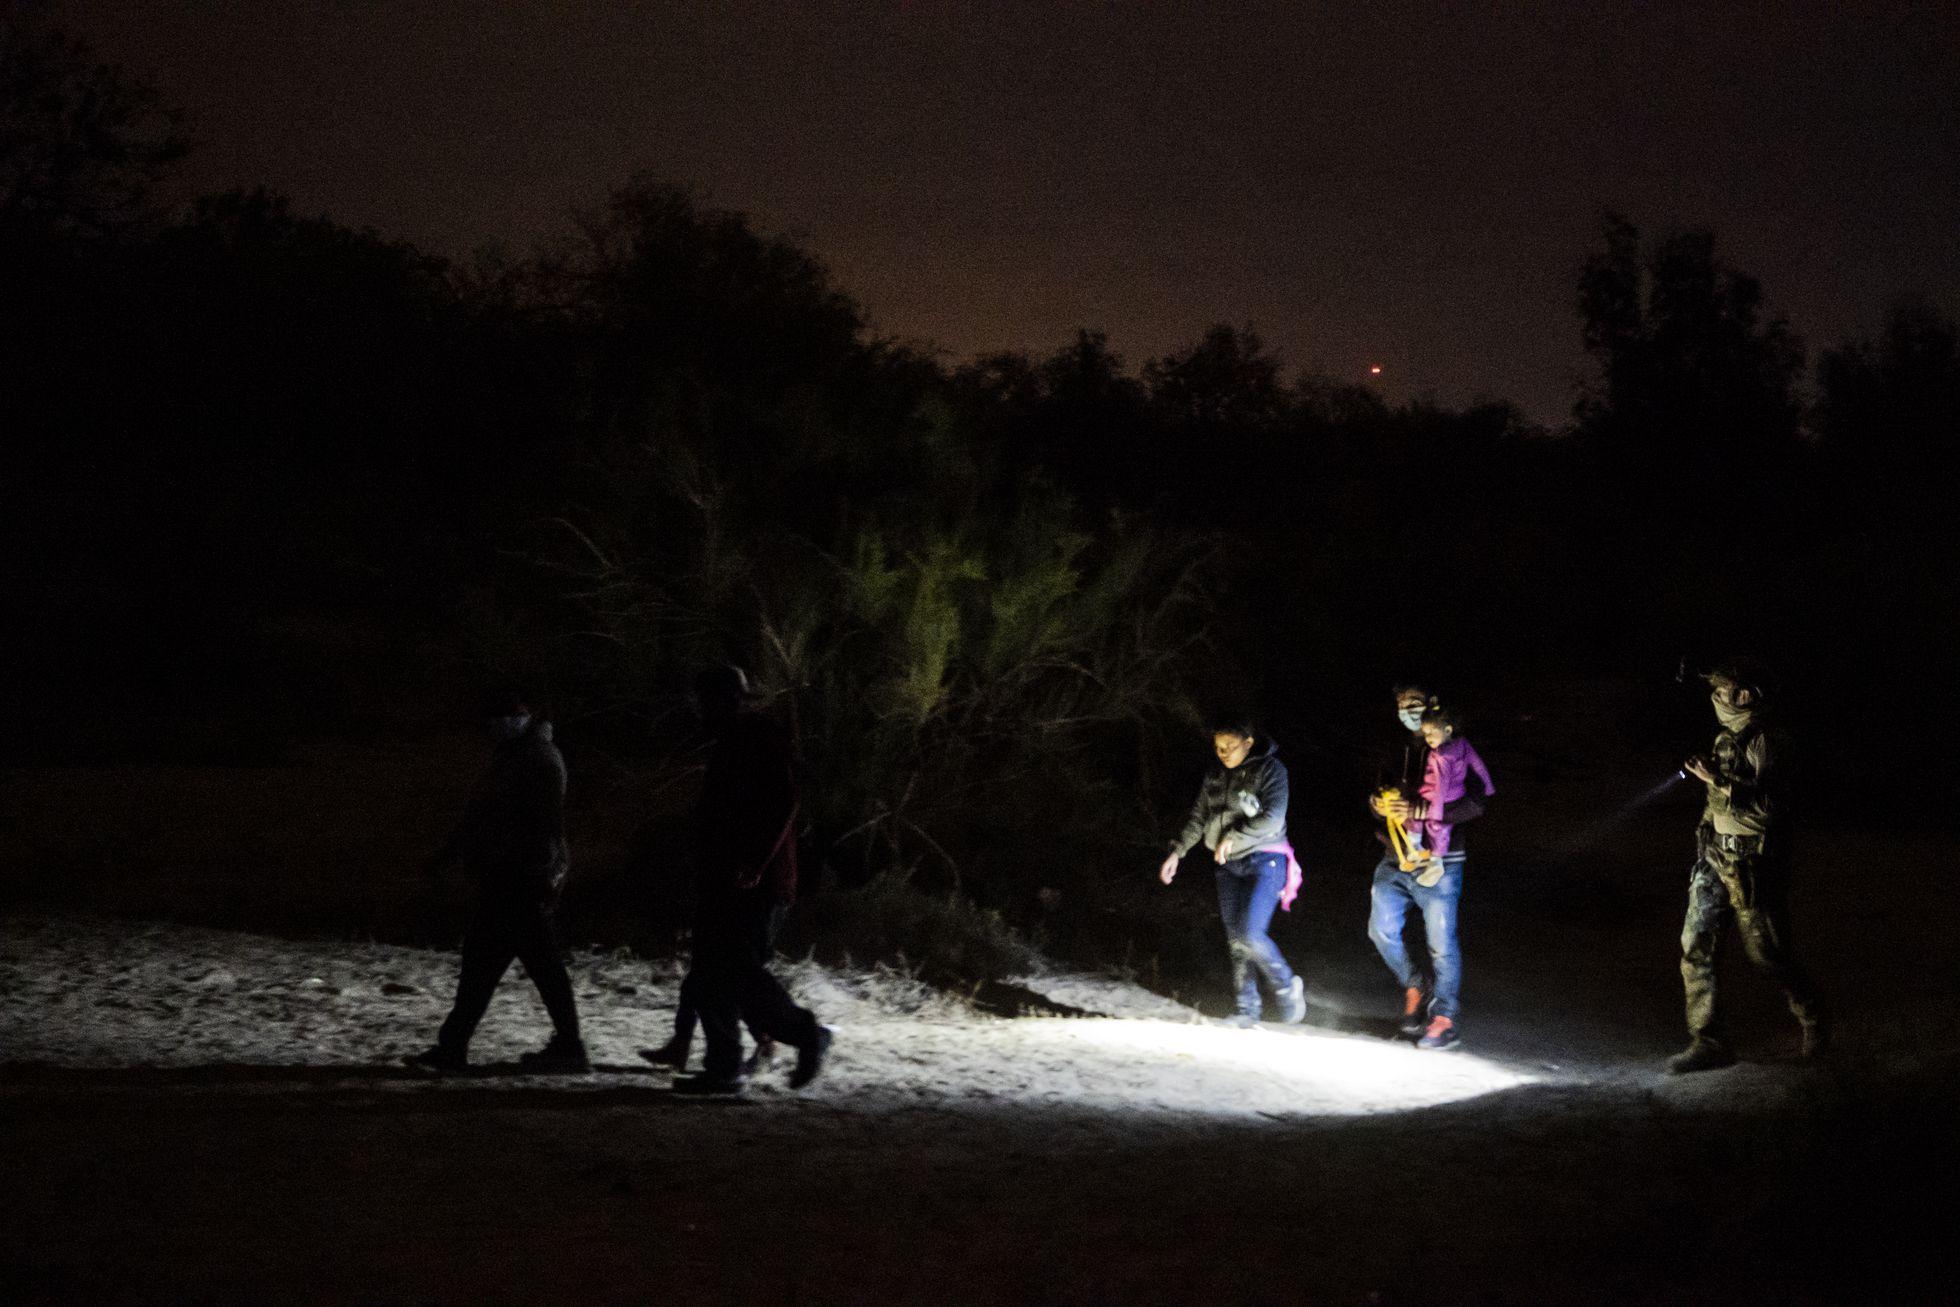 Familias migrantes arriban a la comunidad Roma, Texas, Estados Unidos en marzo de 2021.